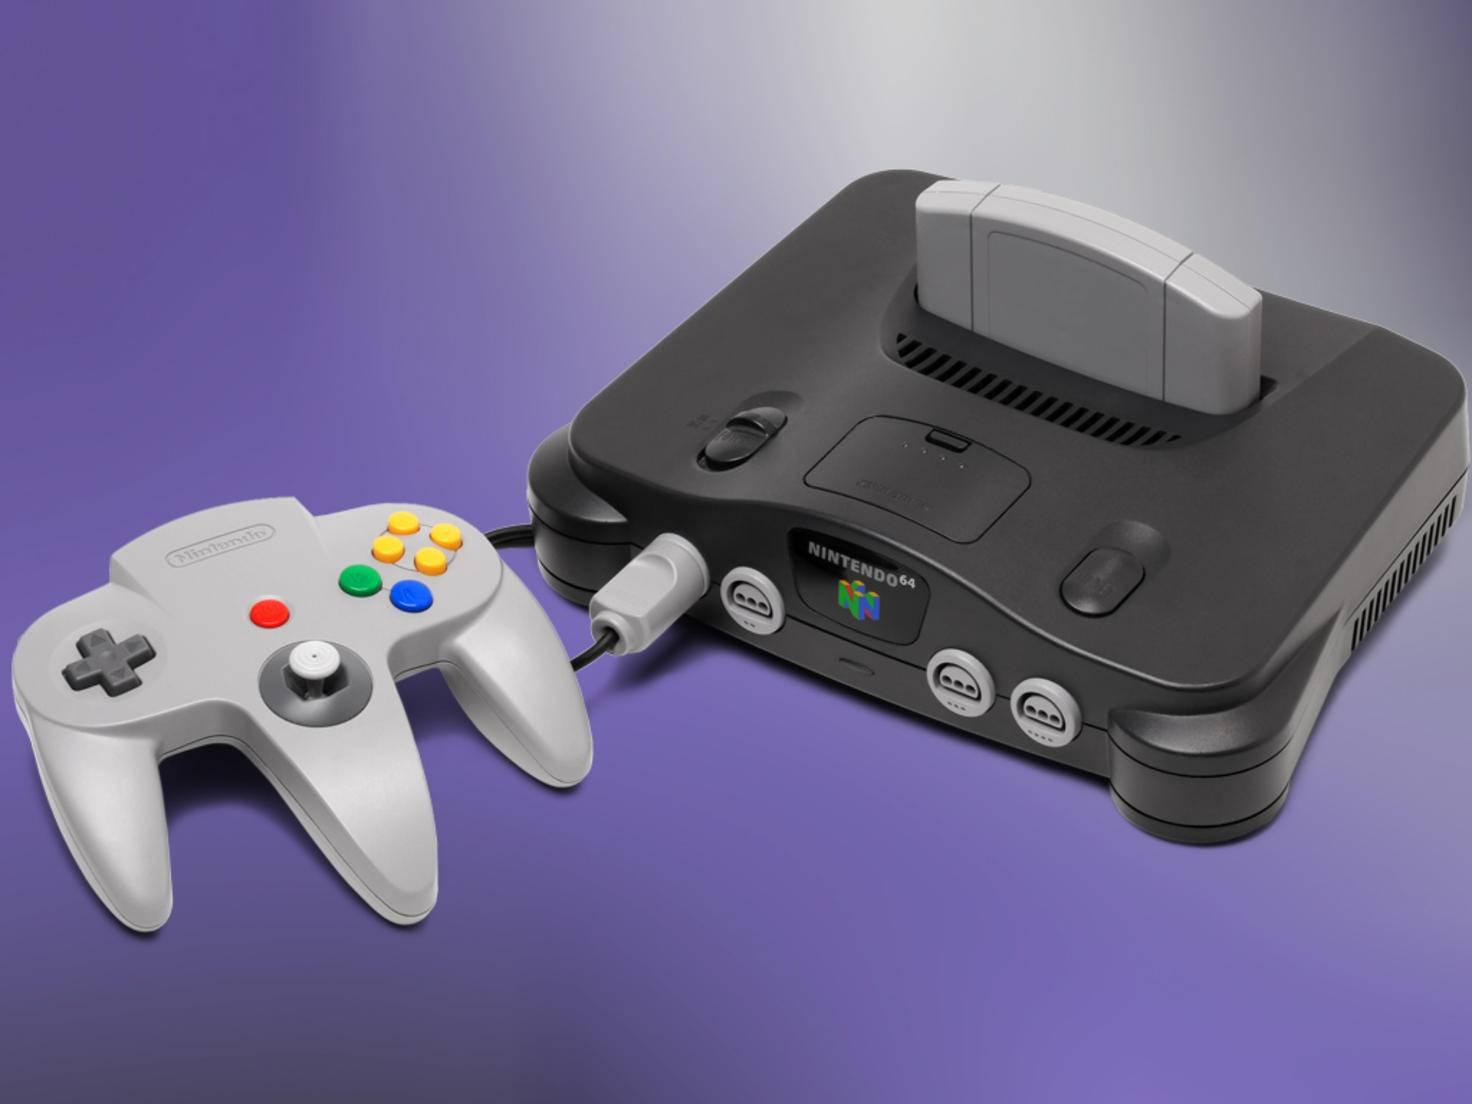 Nintendo N64